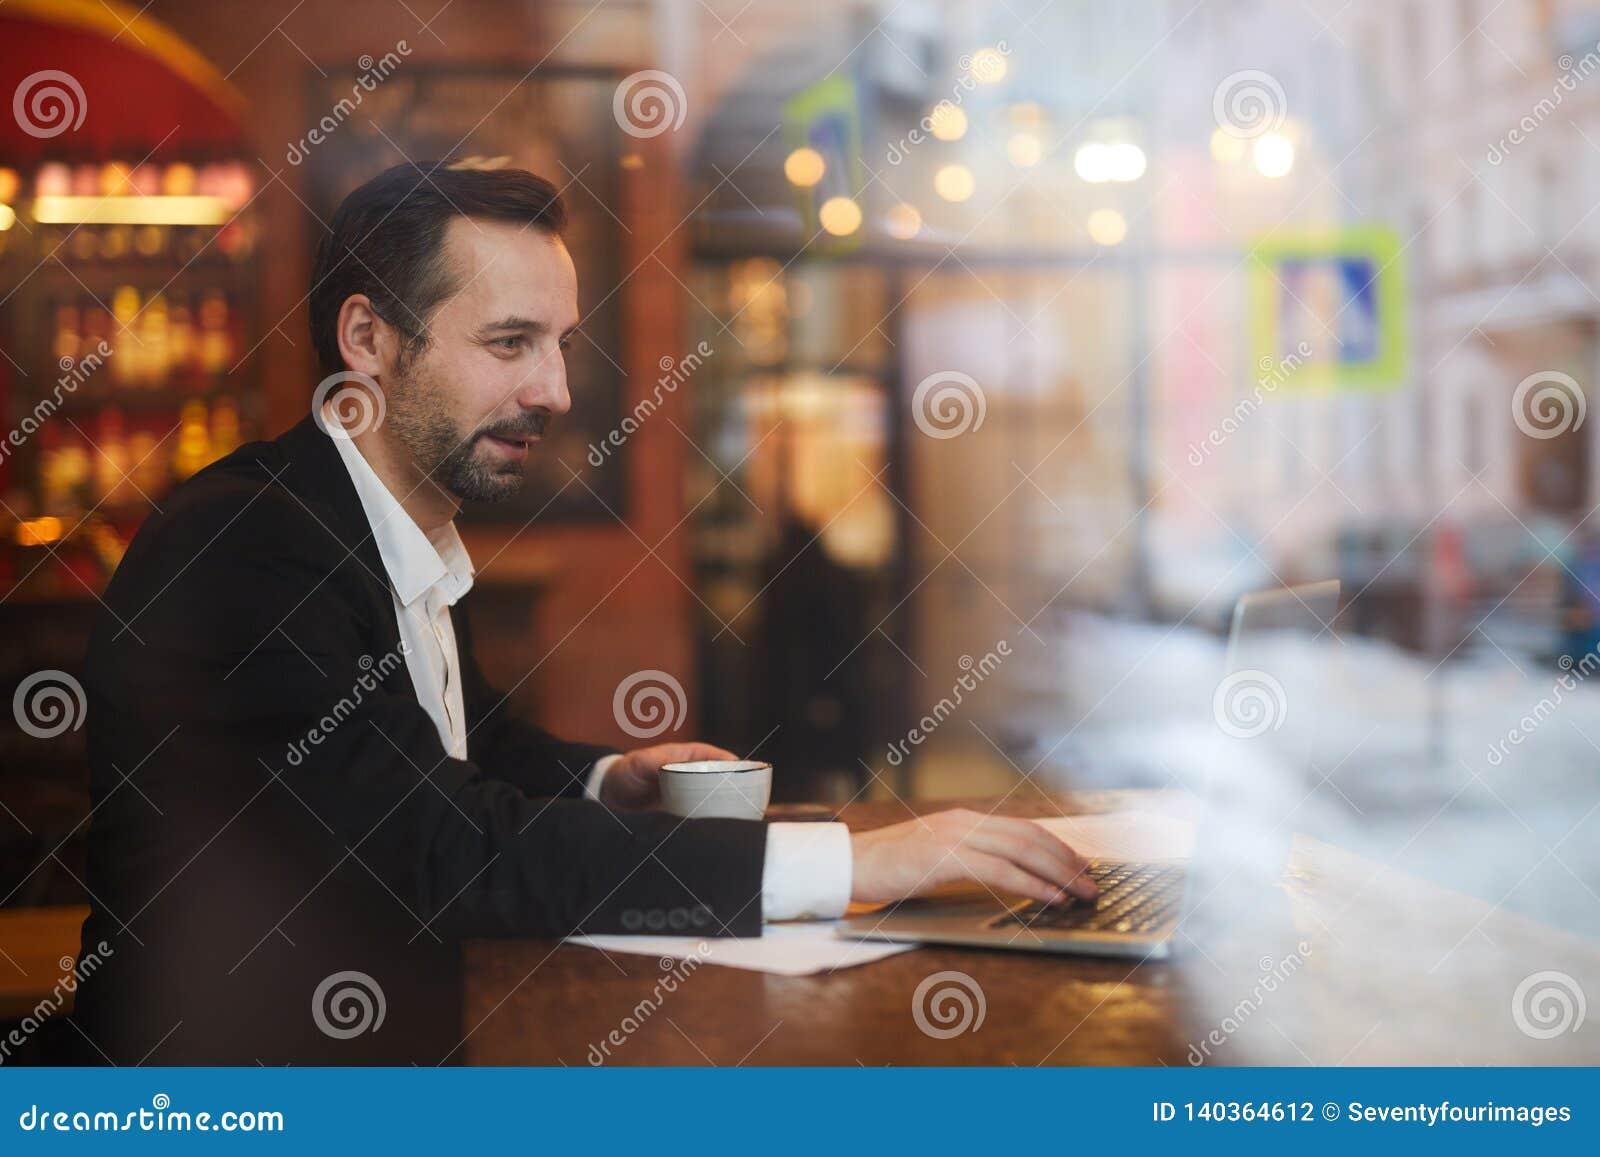 Zakenman Enjoying Coffee Break